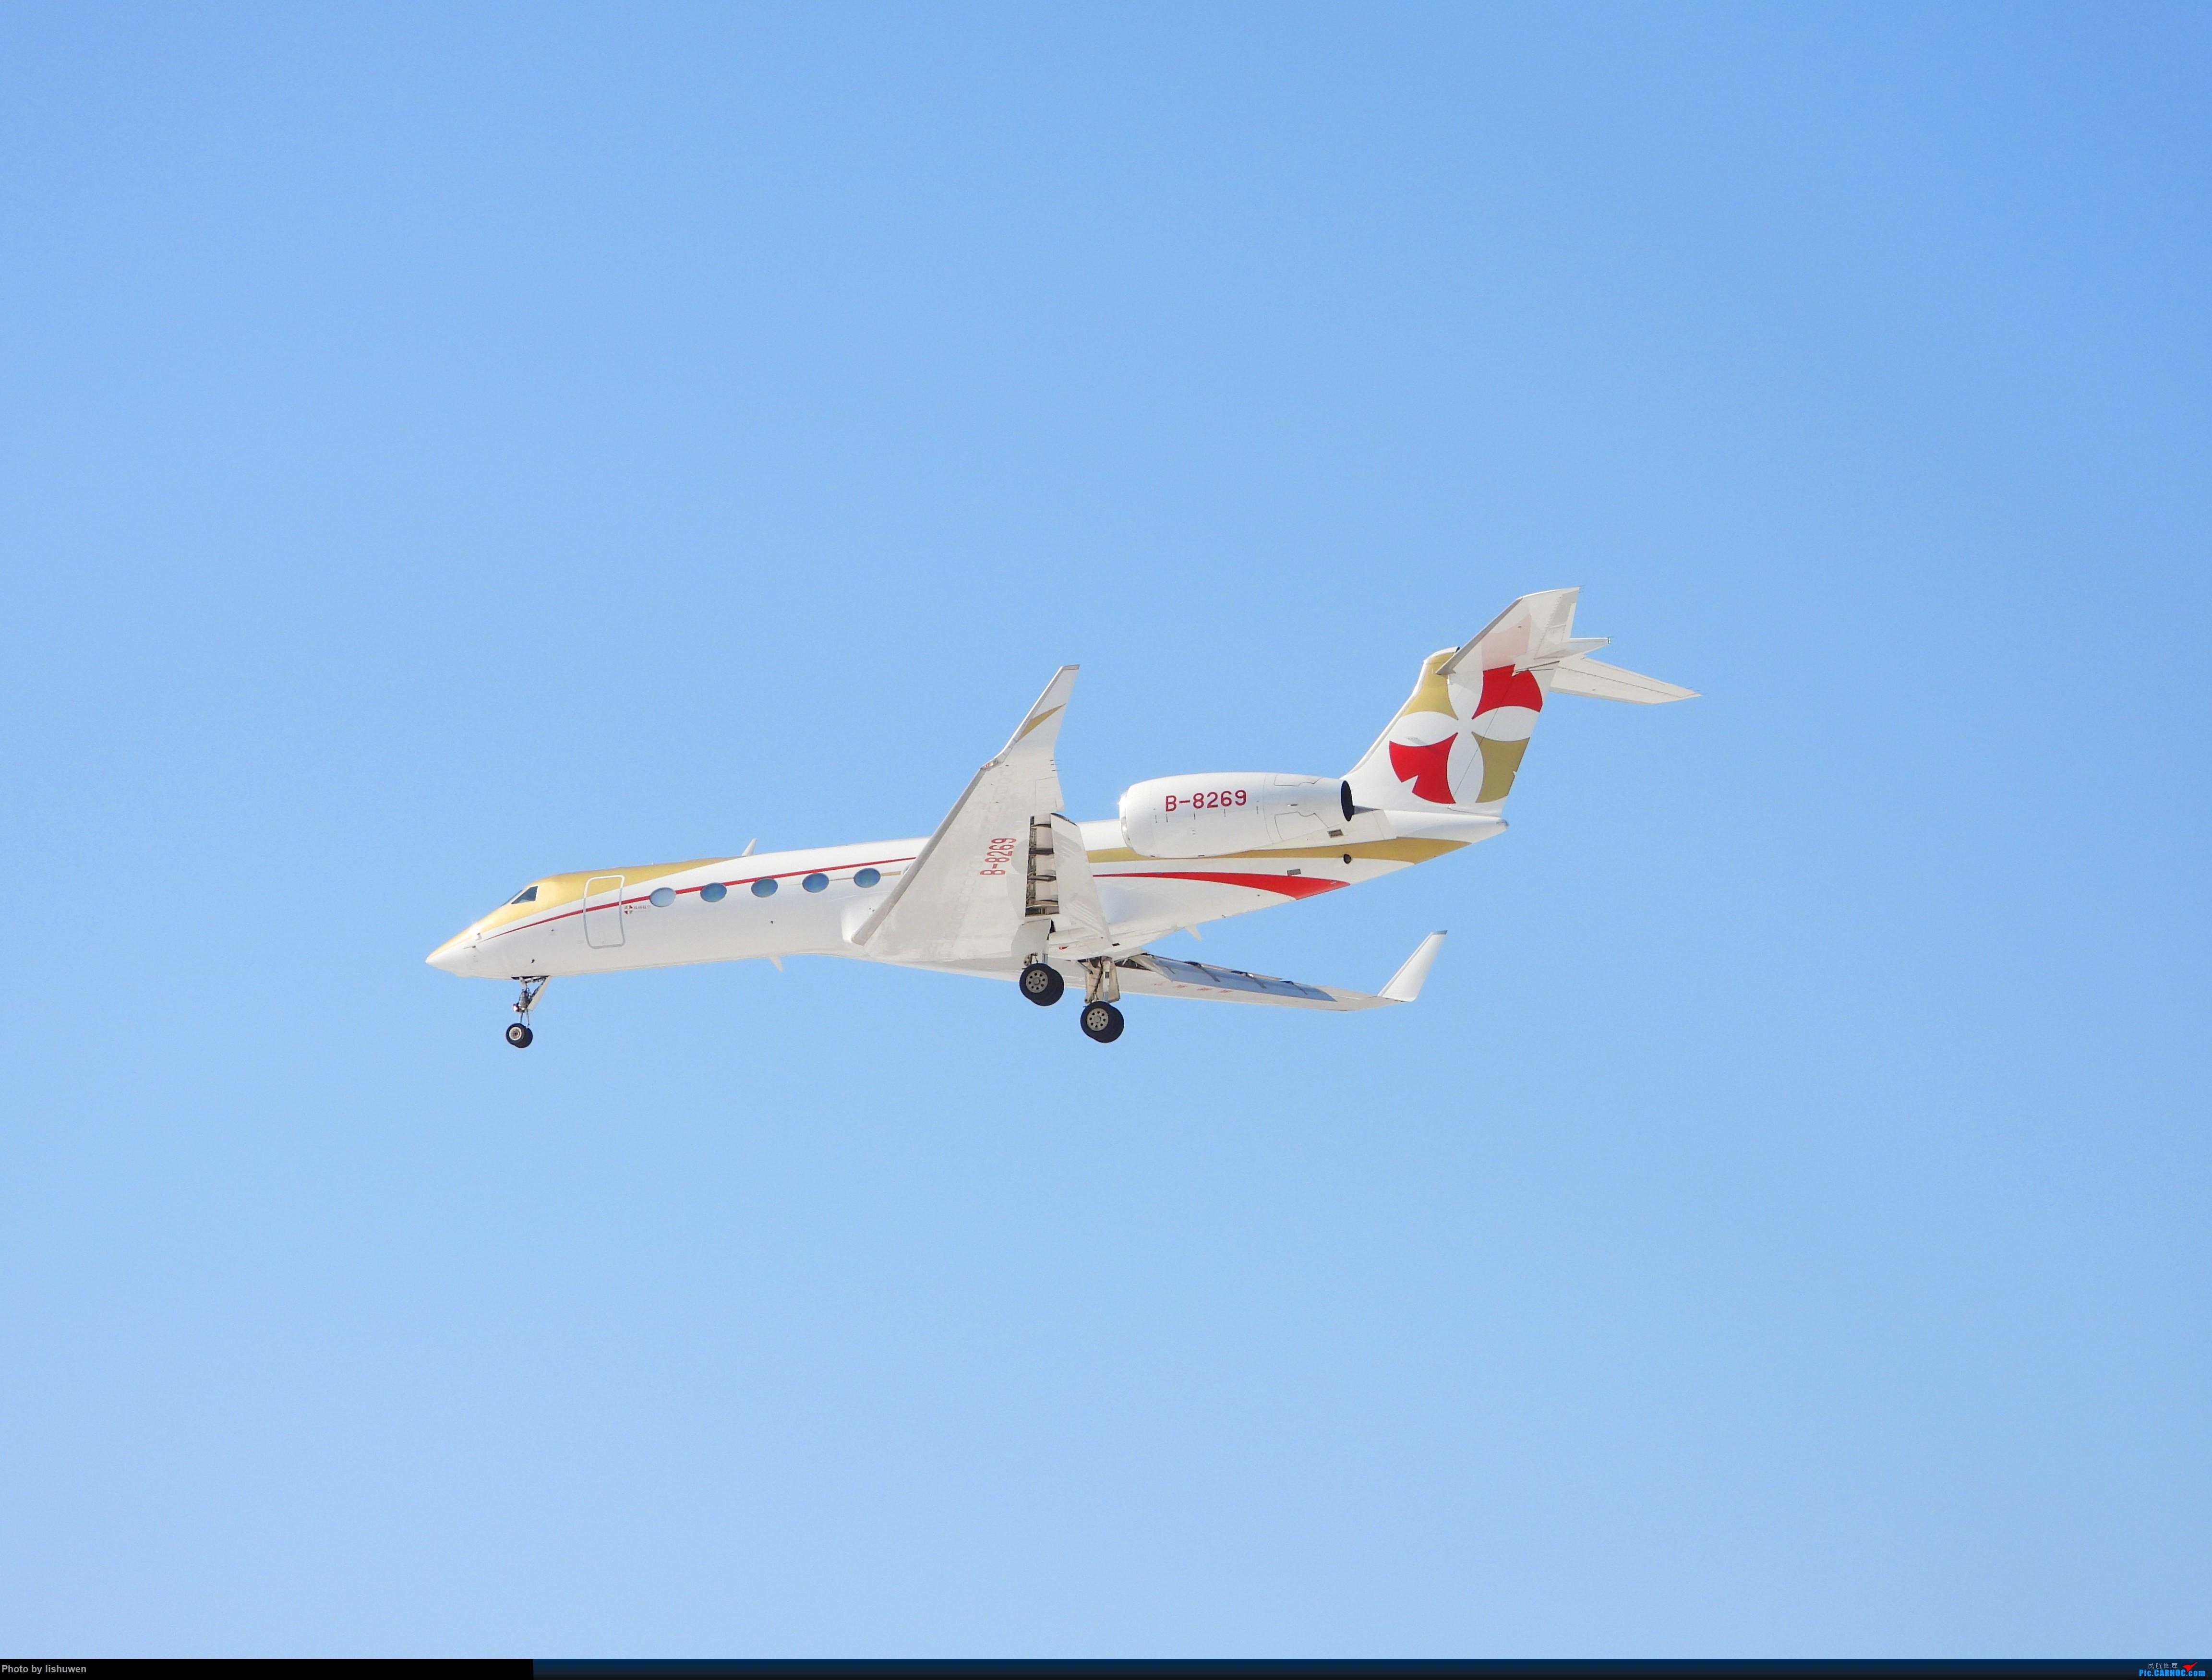 Re:牡丹江海浪机场拍机亚布力企业家论坛公务机 GULFSTREAM G550 B-8269 牡丹江海浪机场